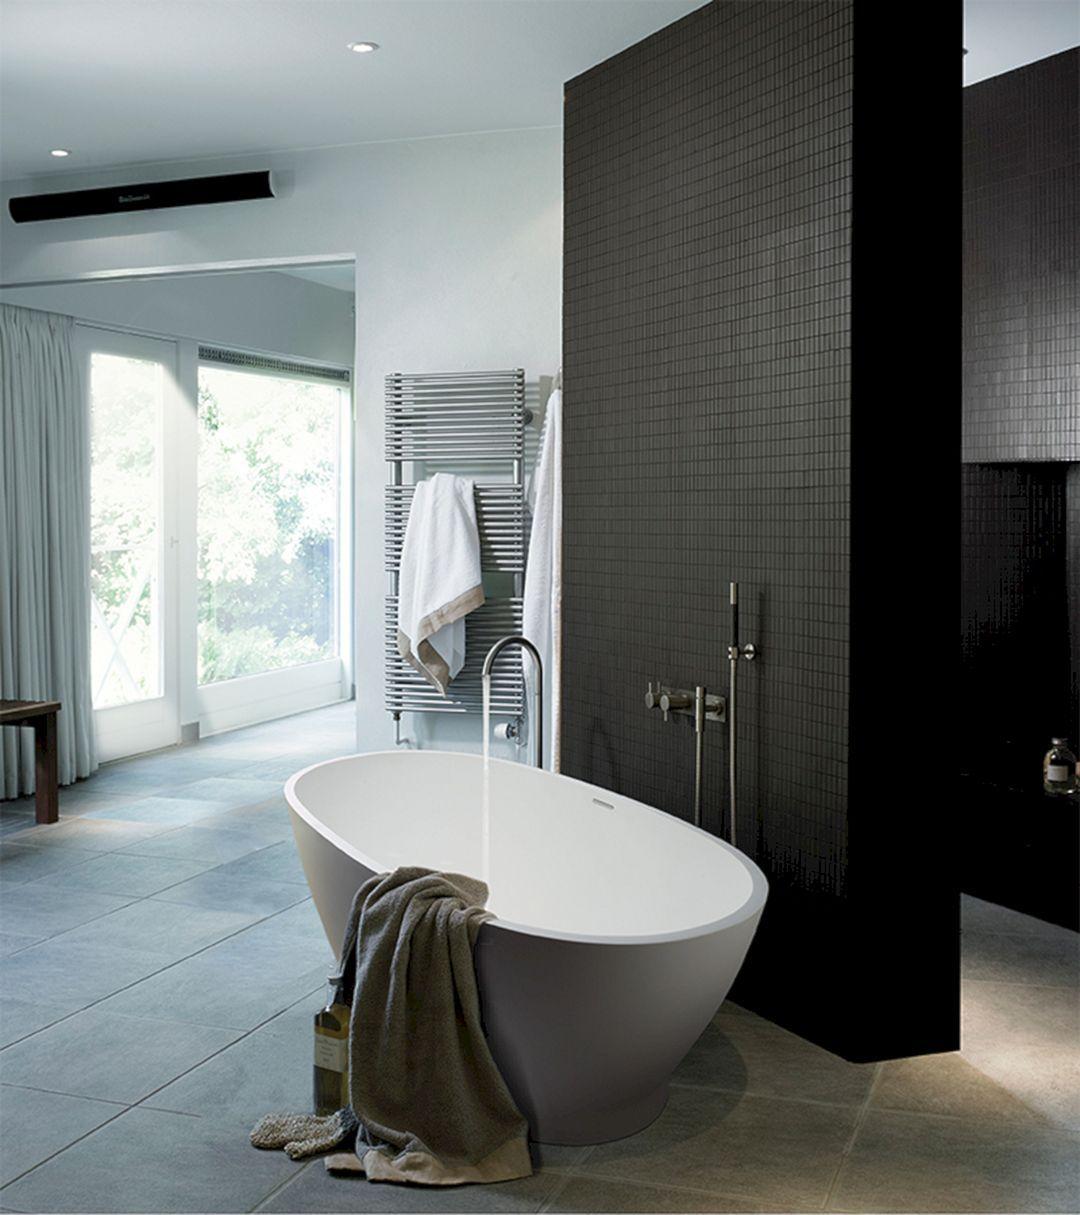 Mobile Per Lavabo Cucina 15+ wonderful bathroom design ideas with modern bathtub